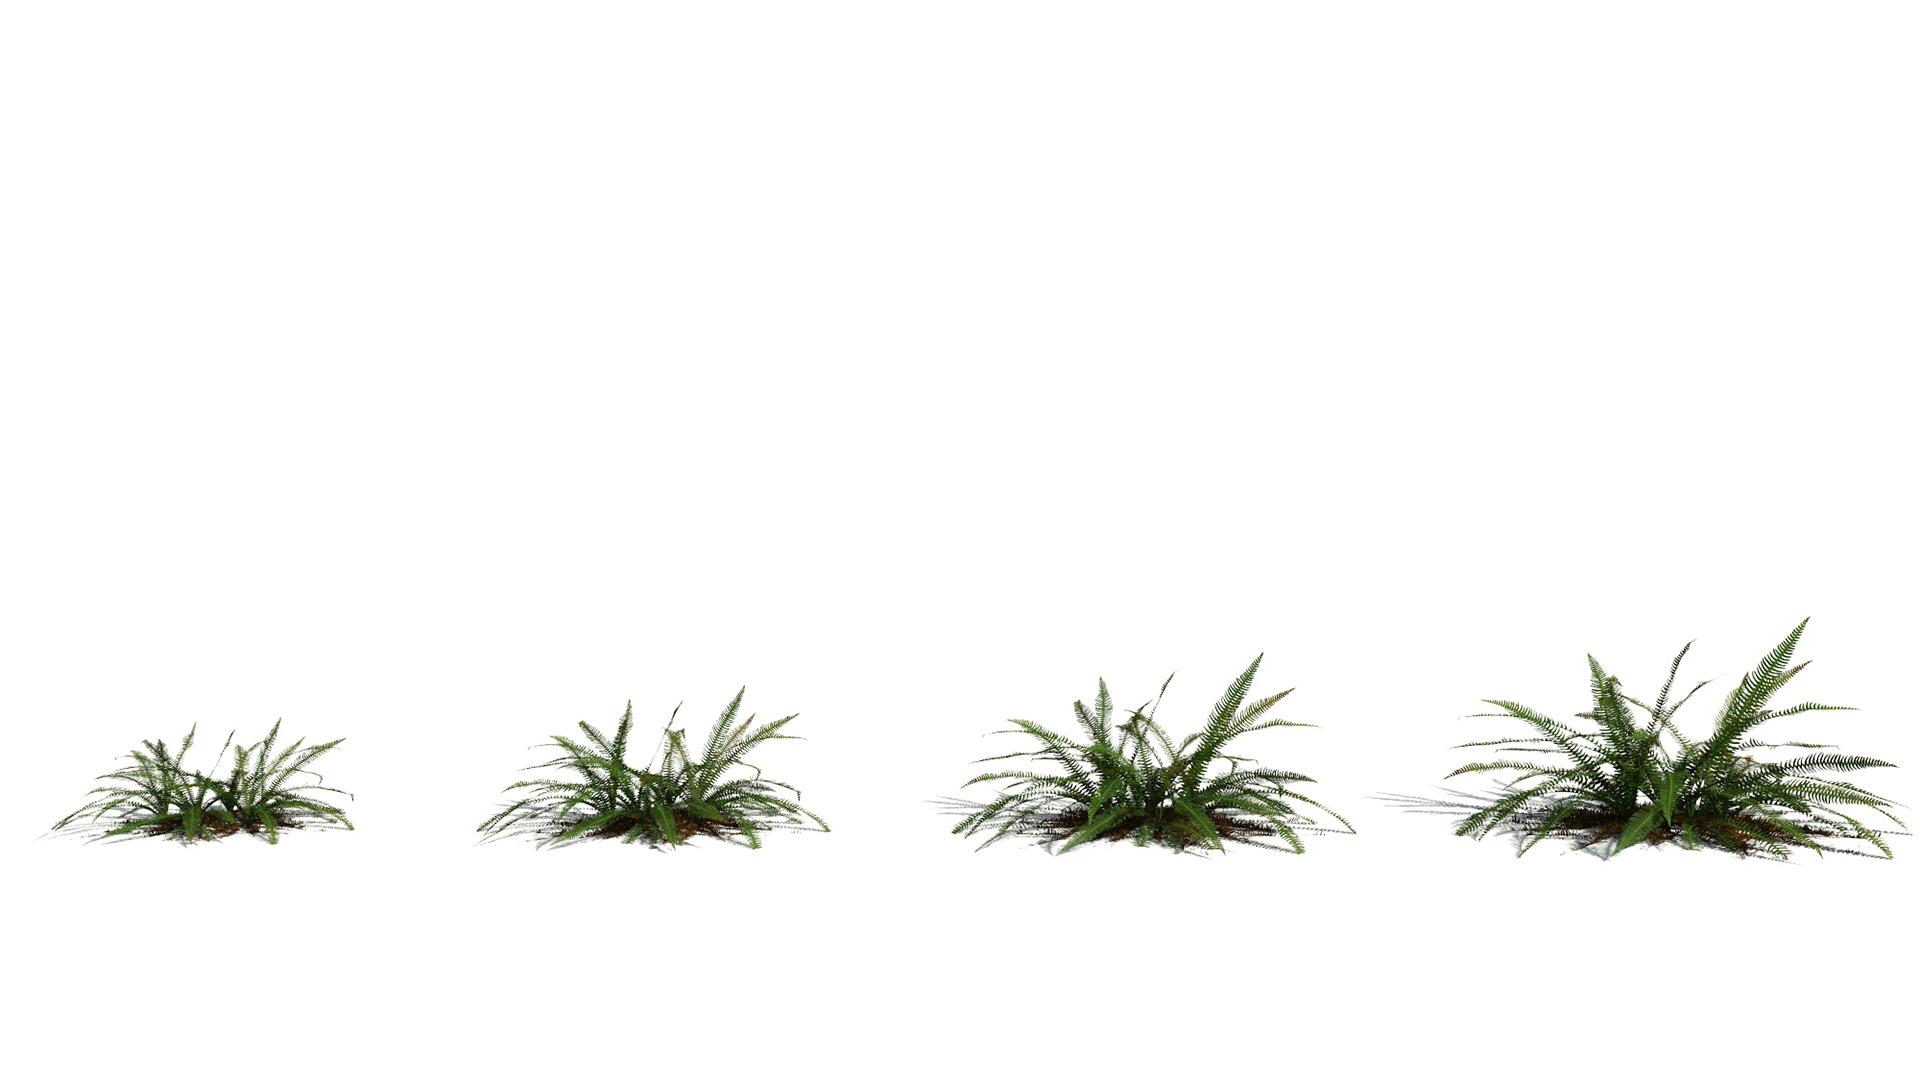 3D model of the Deer fern Blechnum spicant maturity variations